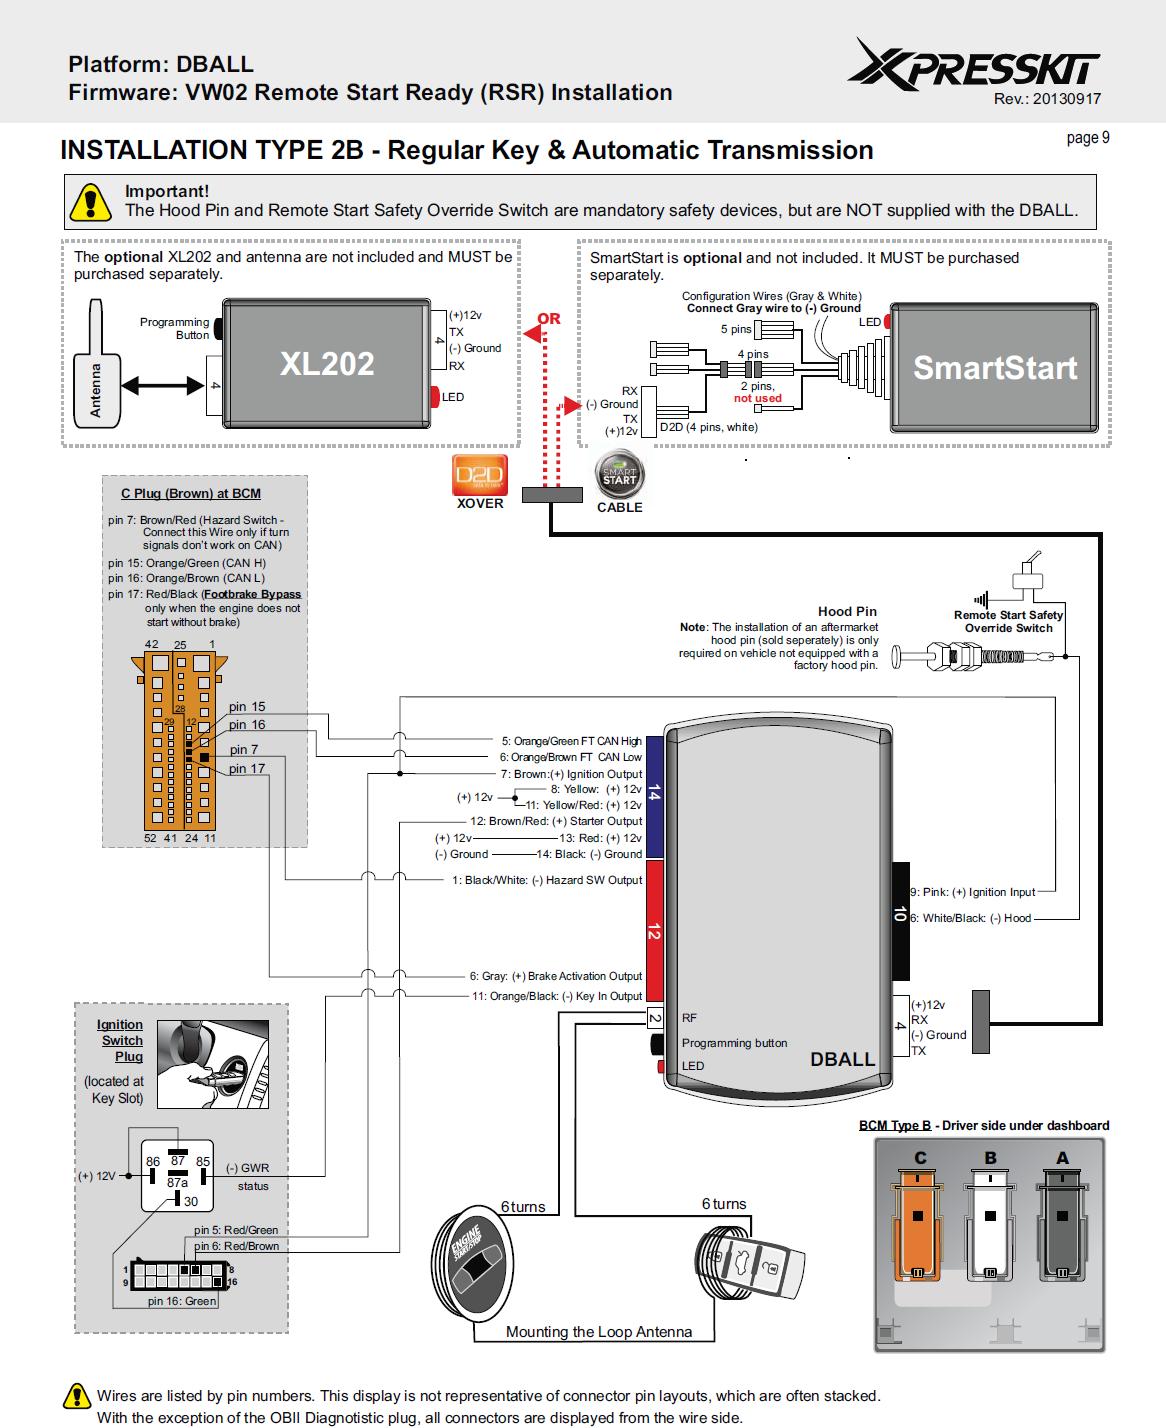 [SCHEMATICS_4US]  TV_6811] Remote Start Wiring Diagram On Dball2 Viper Remote Start Wiring  Wiring Diagram | Viper Remote Start Wiring Diagram Vehicle |  | Www Mohammedshrine Librar Wiring 101